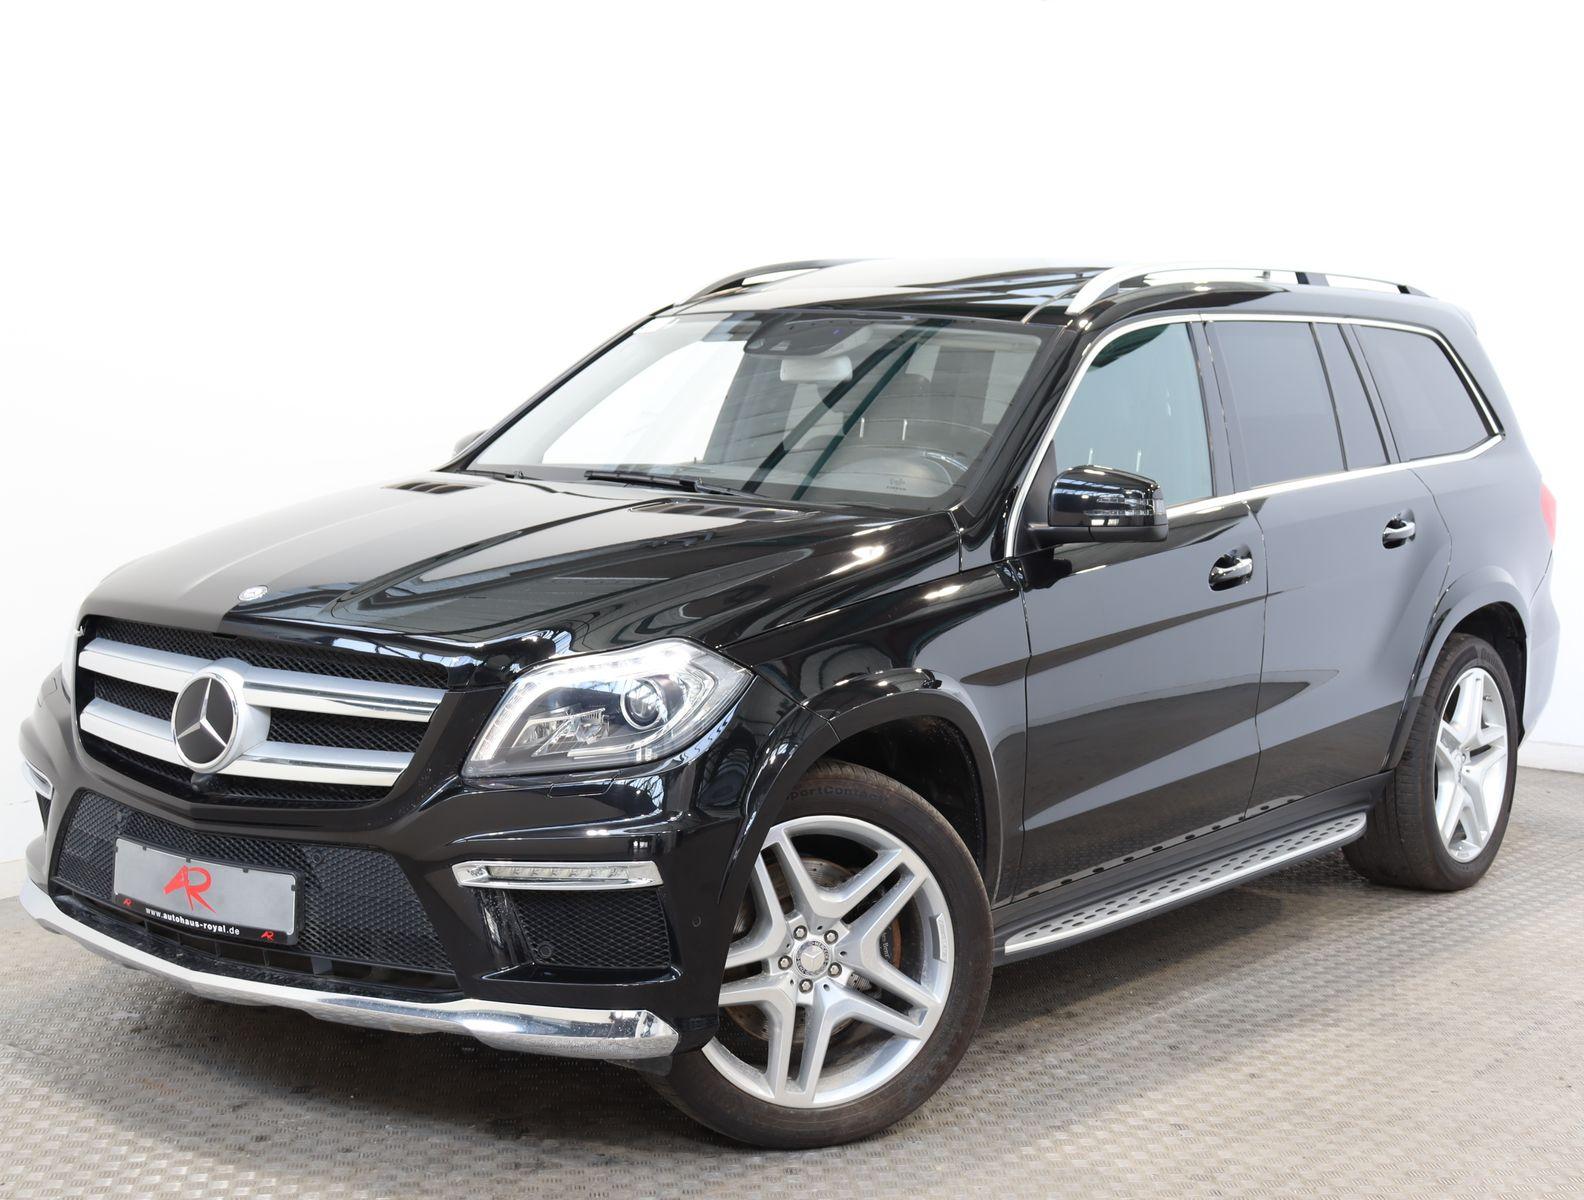 Mercedes-Benz GL 350 BT 4M AMG OFFROAD,NACHTSICHT,FOND-TV,AHK, Jahr 2014, Diesel